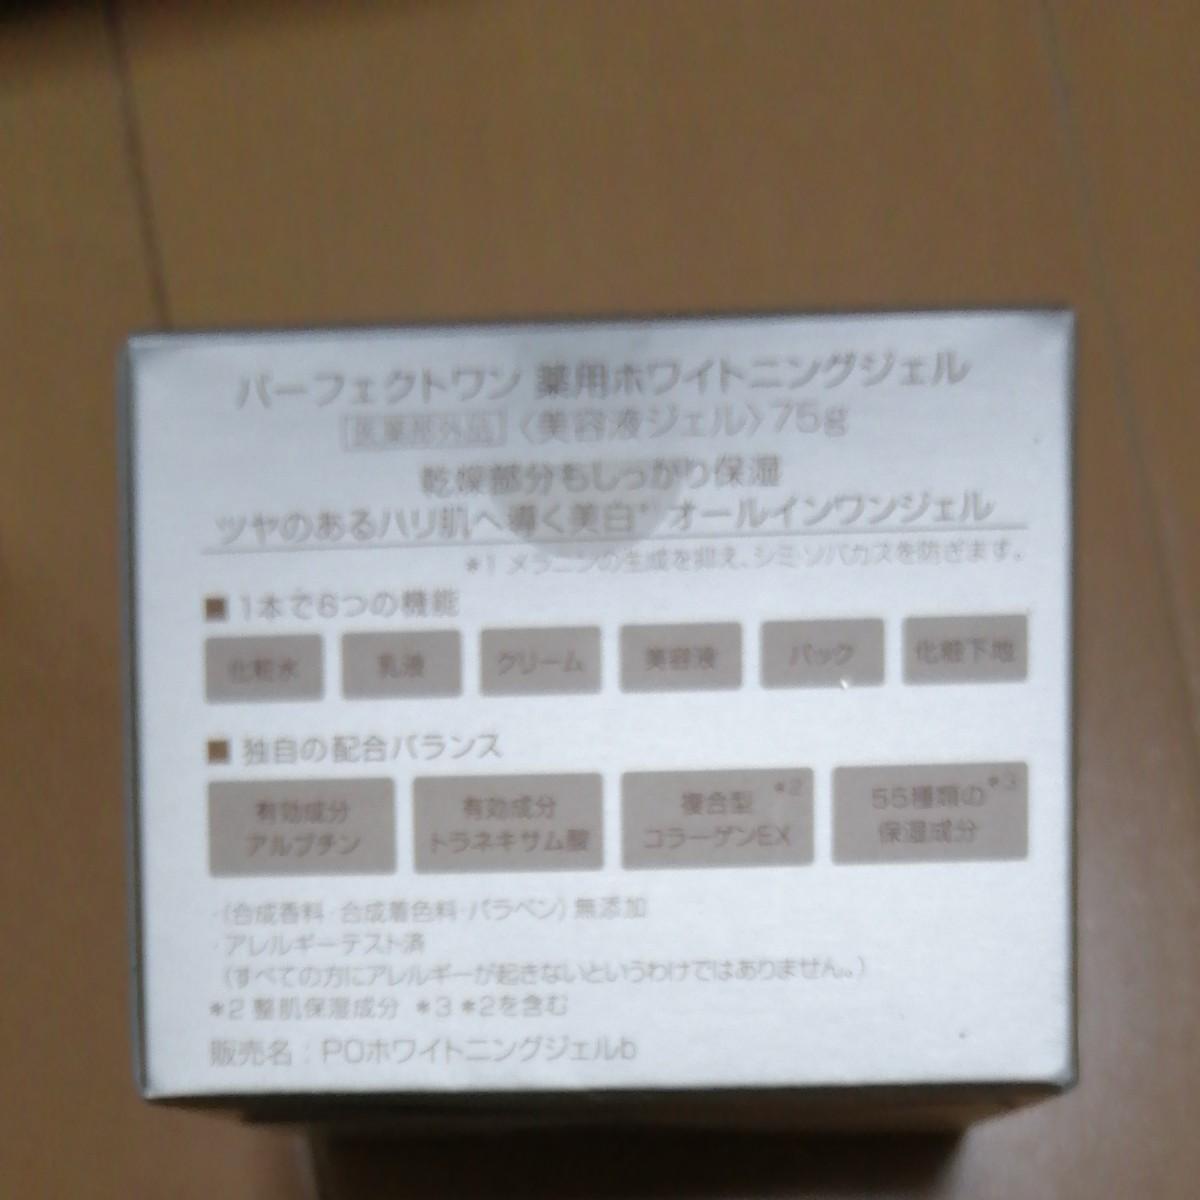 パーフェクトワン薬用ホワイトニングジェル PERFECT ONE 新日本製薬